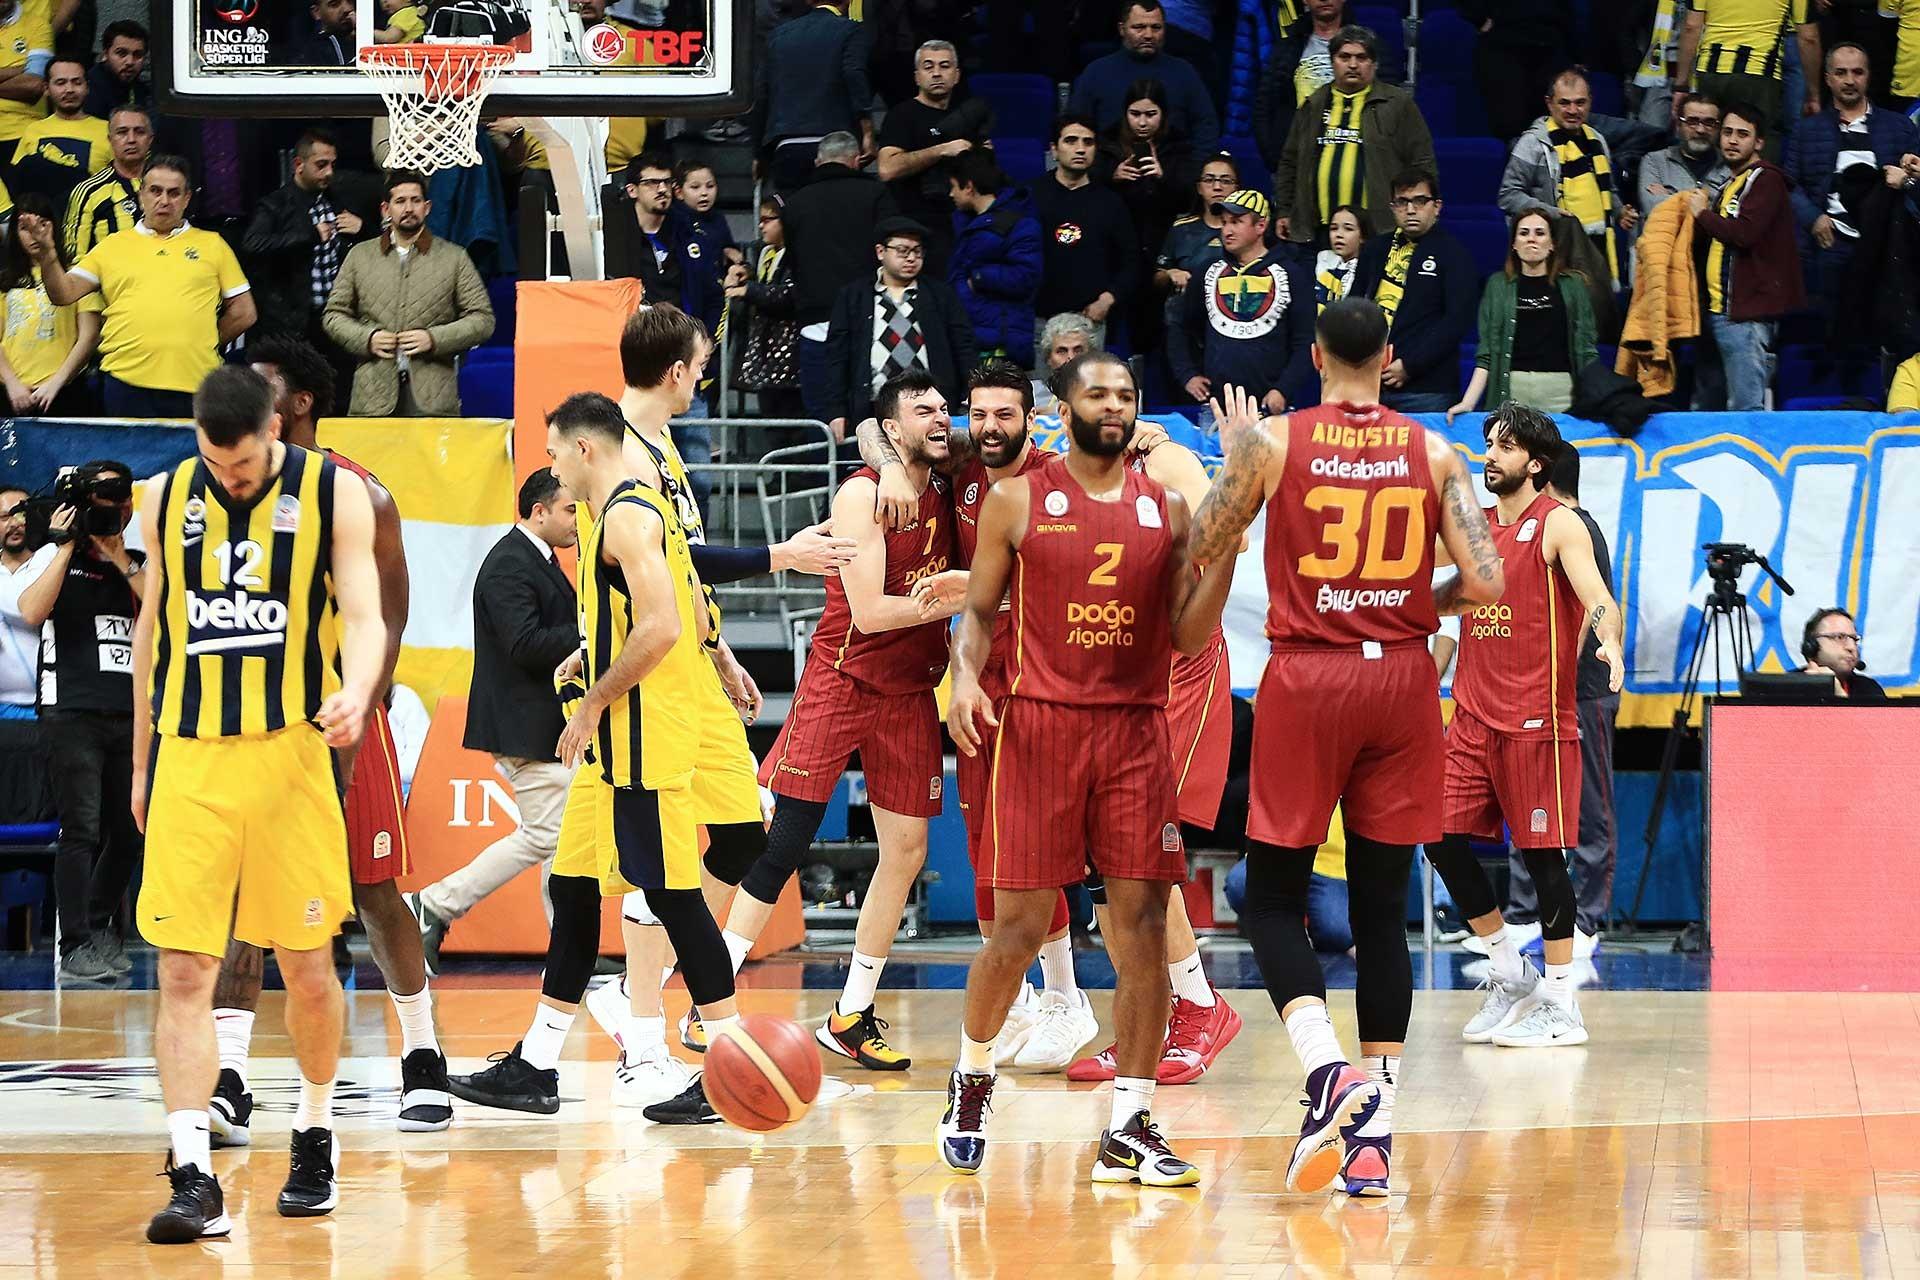 26 Şubat 2020 tarihli Fenerbahçe-Gatasaray basketbol maçı